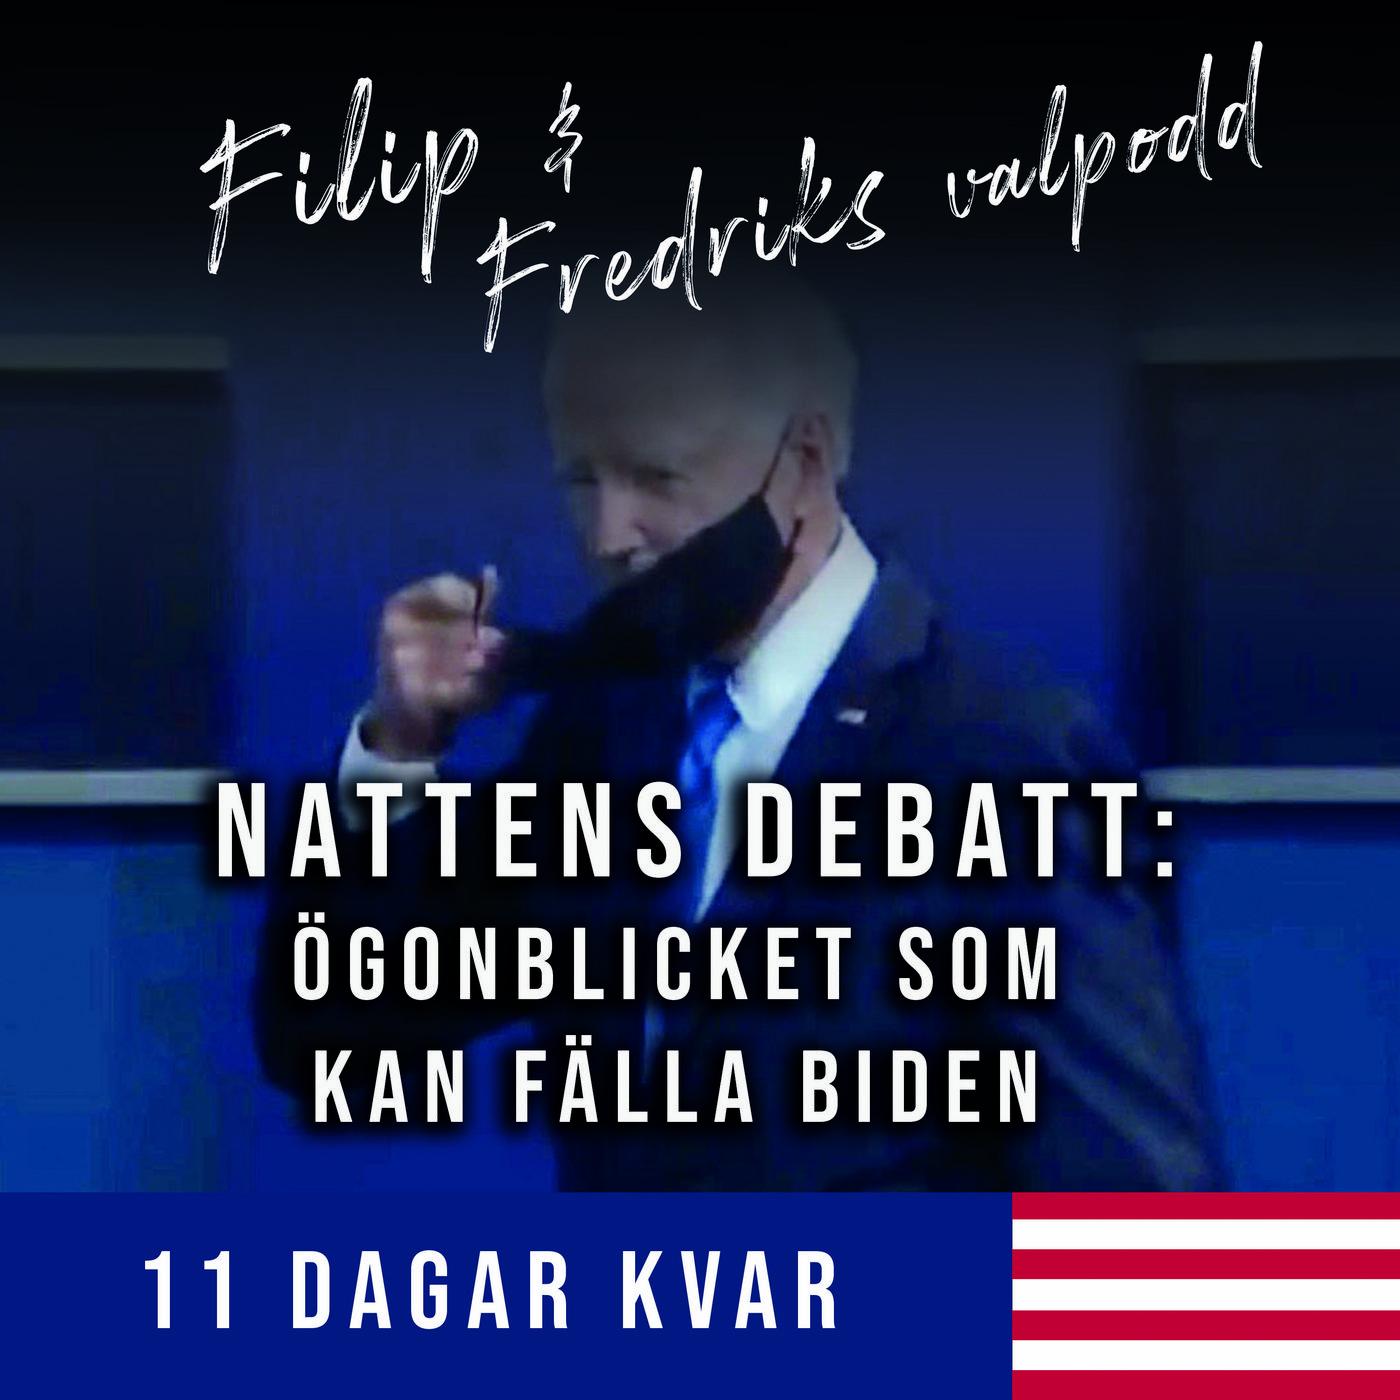 11 dagar kvar: Nattens debatt: ögonblicket som kan fälla Biden